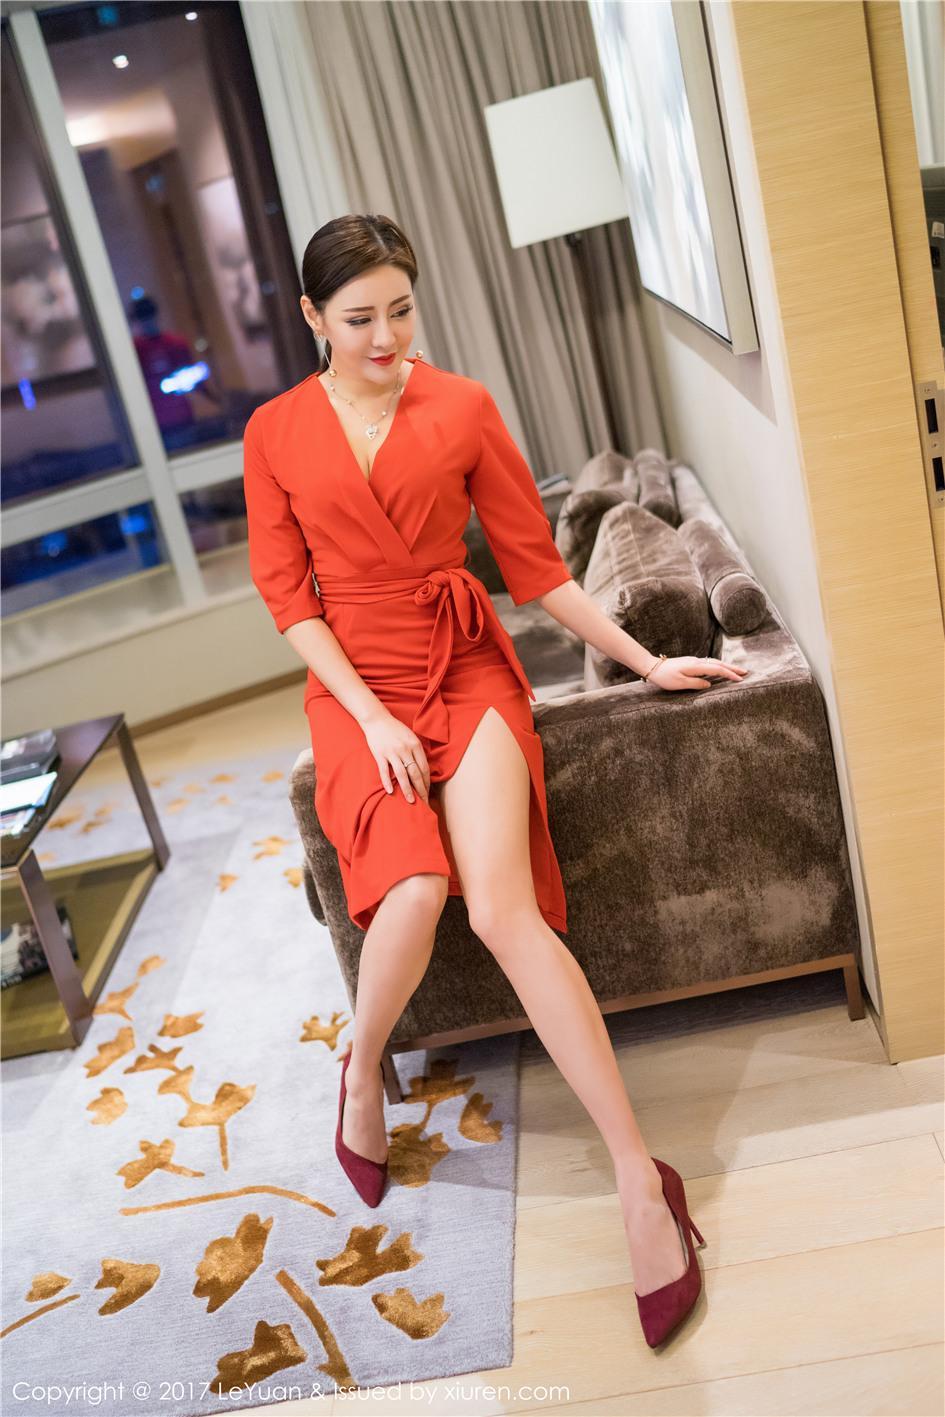 【星乐园】【美希子】 气质美女美希子高级酒店美腿高跟诱惑 VOL.031【25P】 X丝玉足